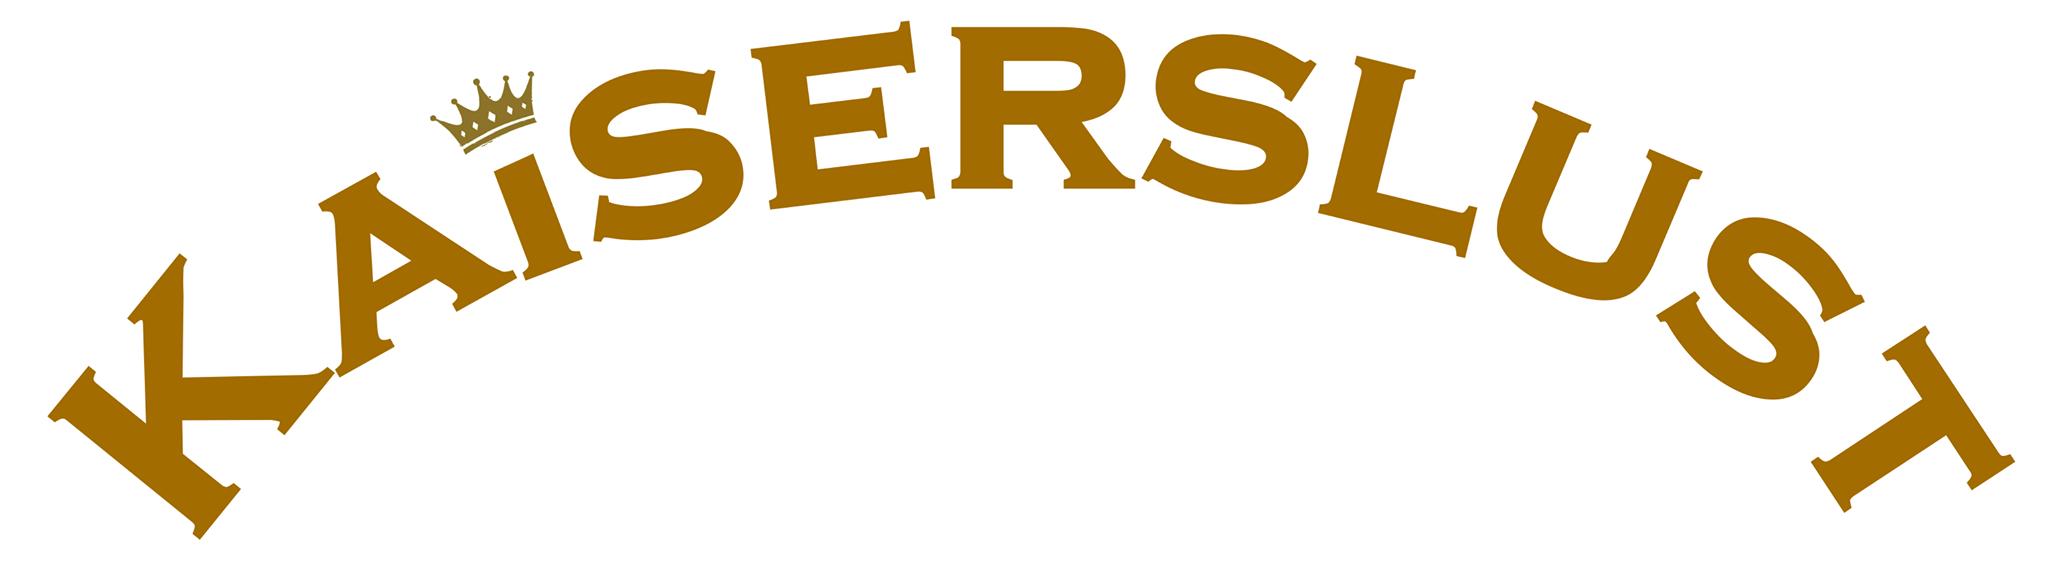 Kaiserslust